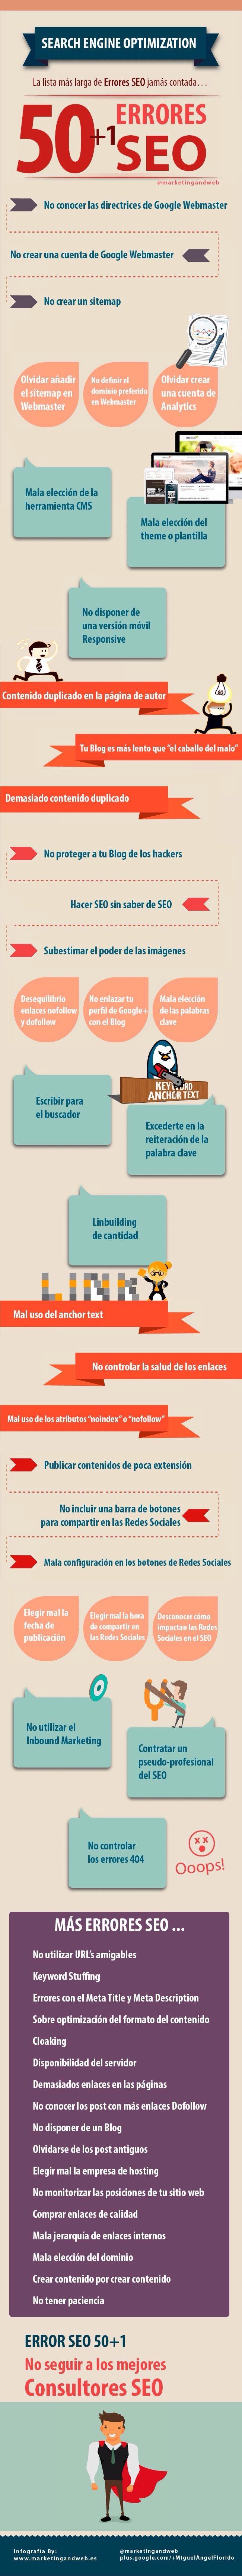 50 Errores del SEO - http://conecta2.cat/50-errores-del-seo/ @Conecta2cat